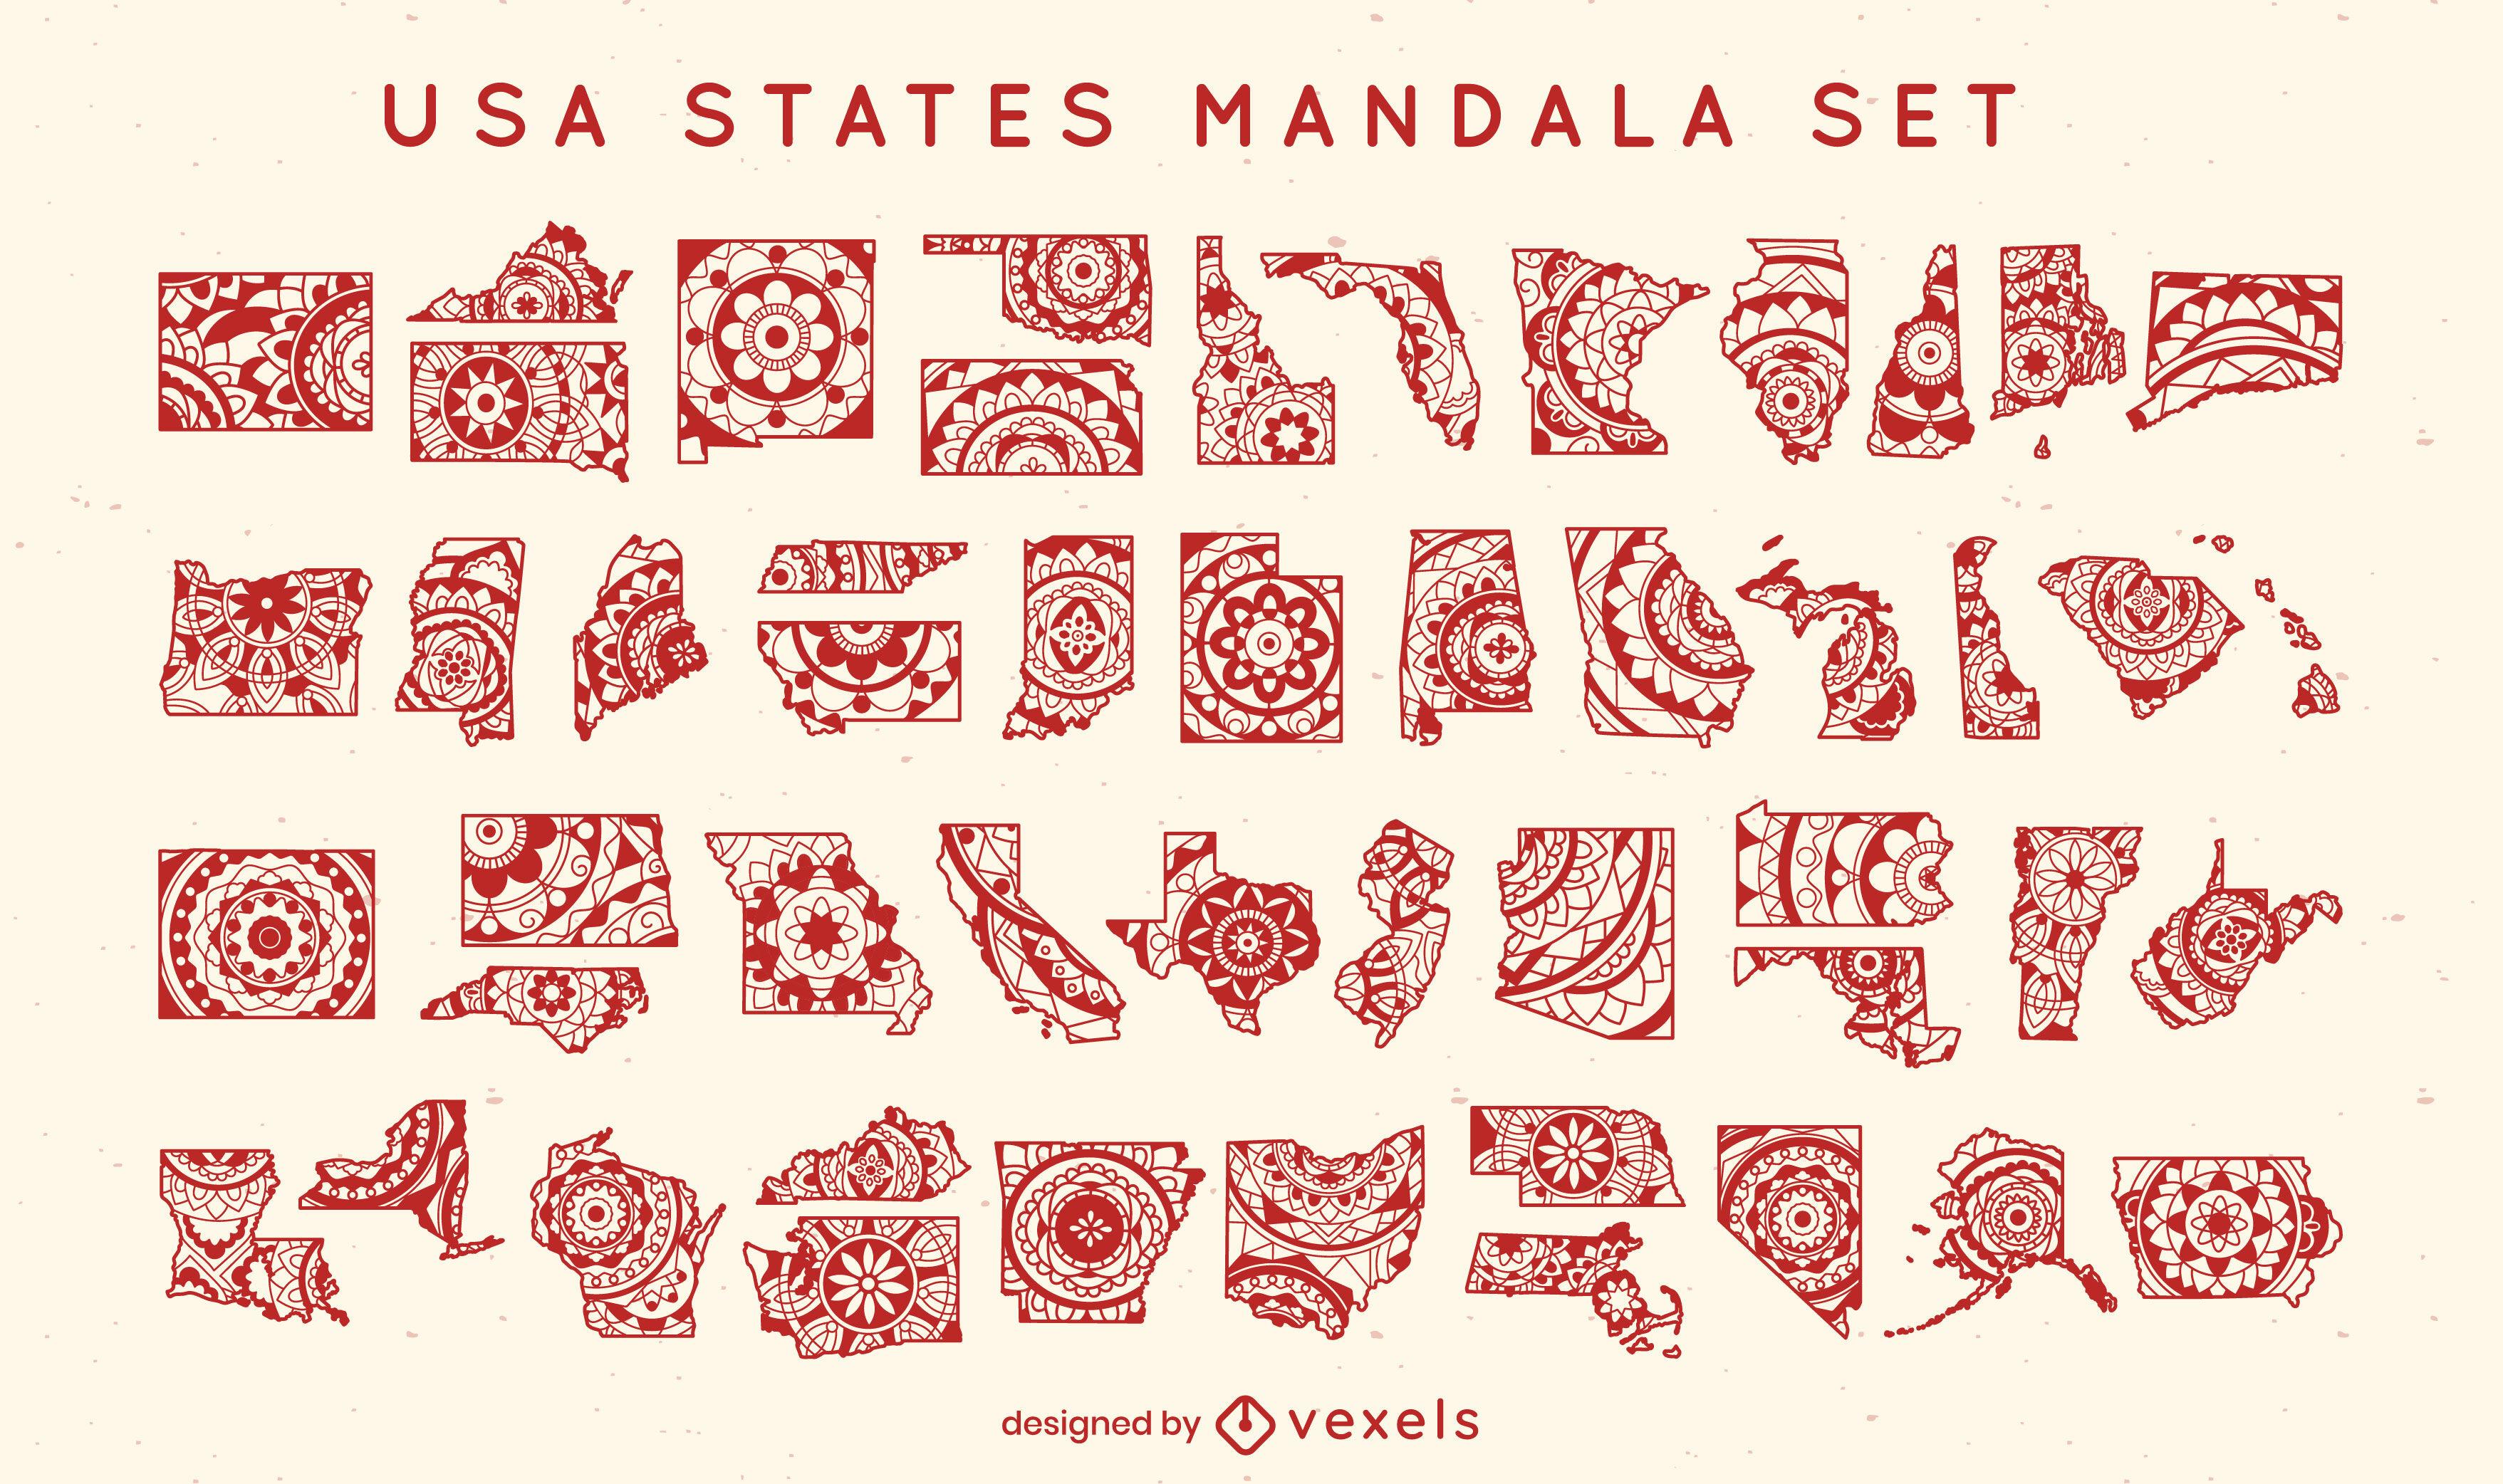 Estados del conjunto de mandala de EE. UU.